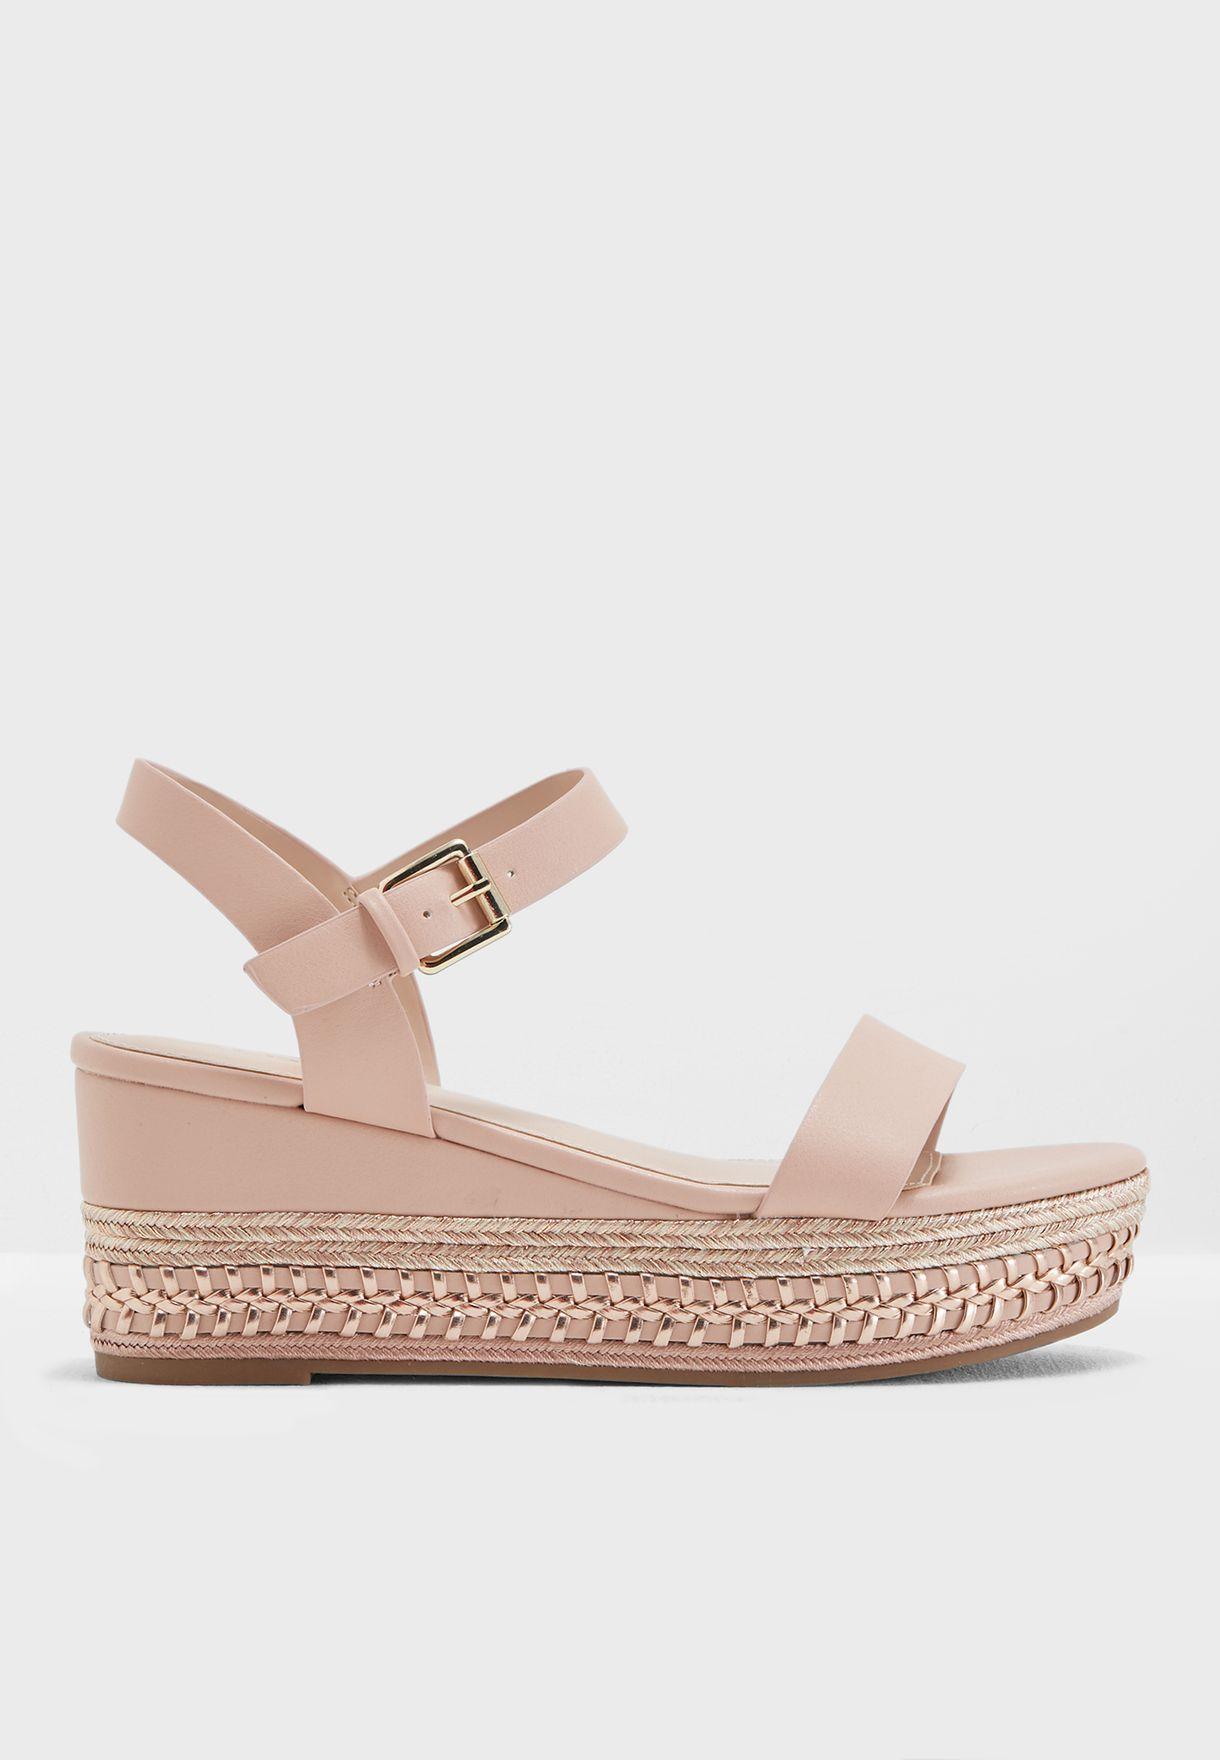 ff1b16d8f9c0 Shop Aldo pink Mauma Sandal MAUMA35 for Women in UAE - AL729SH34UWZ